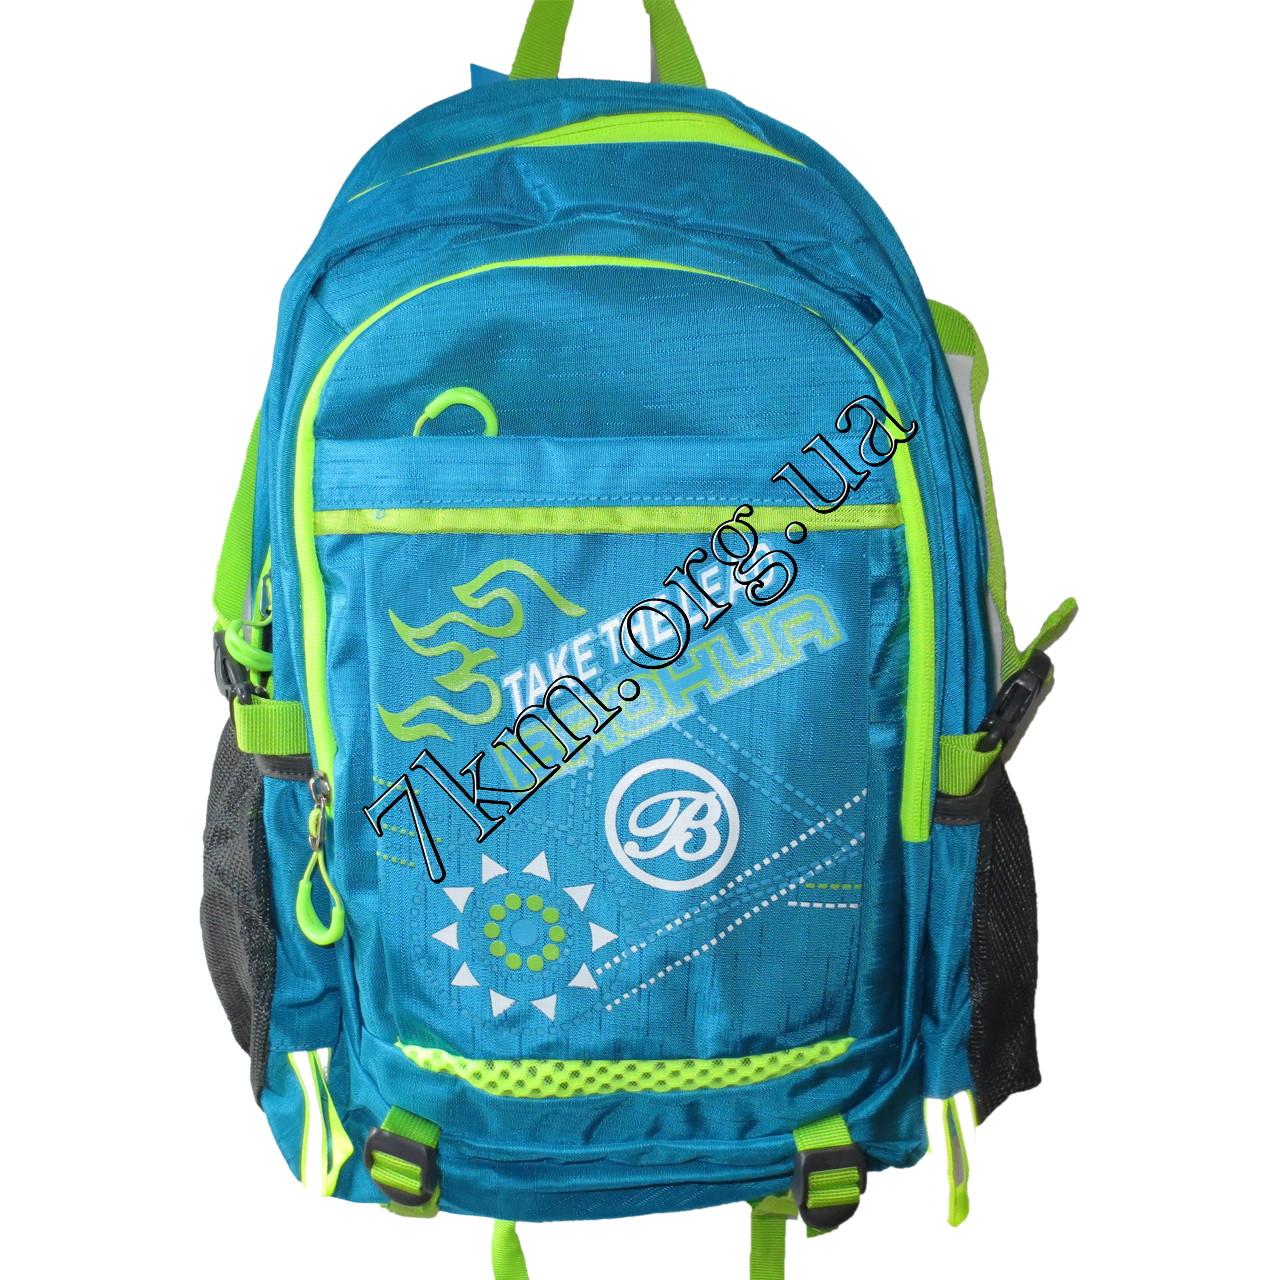 Школьный рюкзак  голубой для девочек и мальчиков